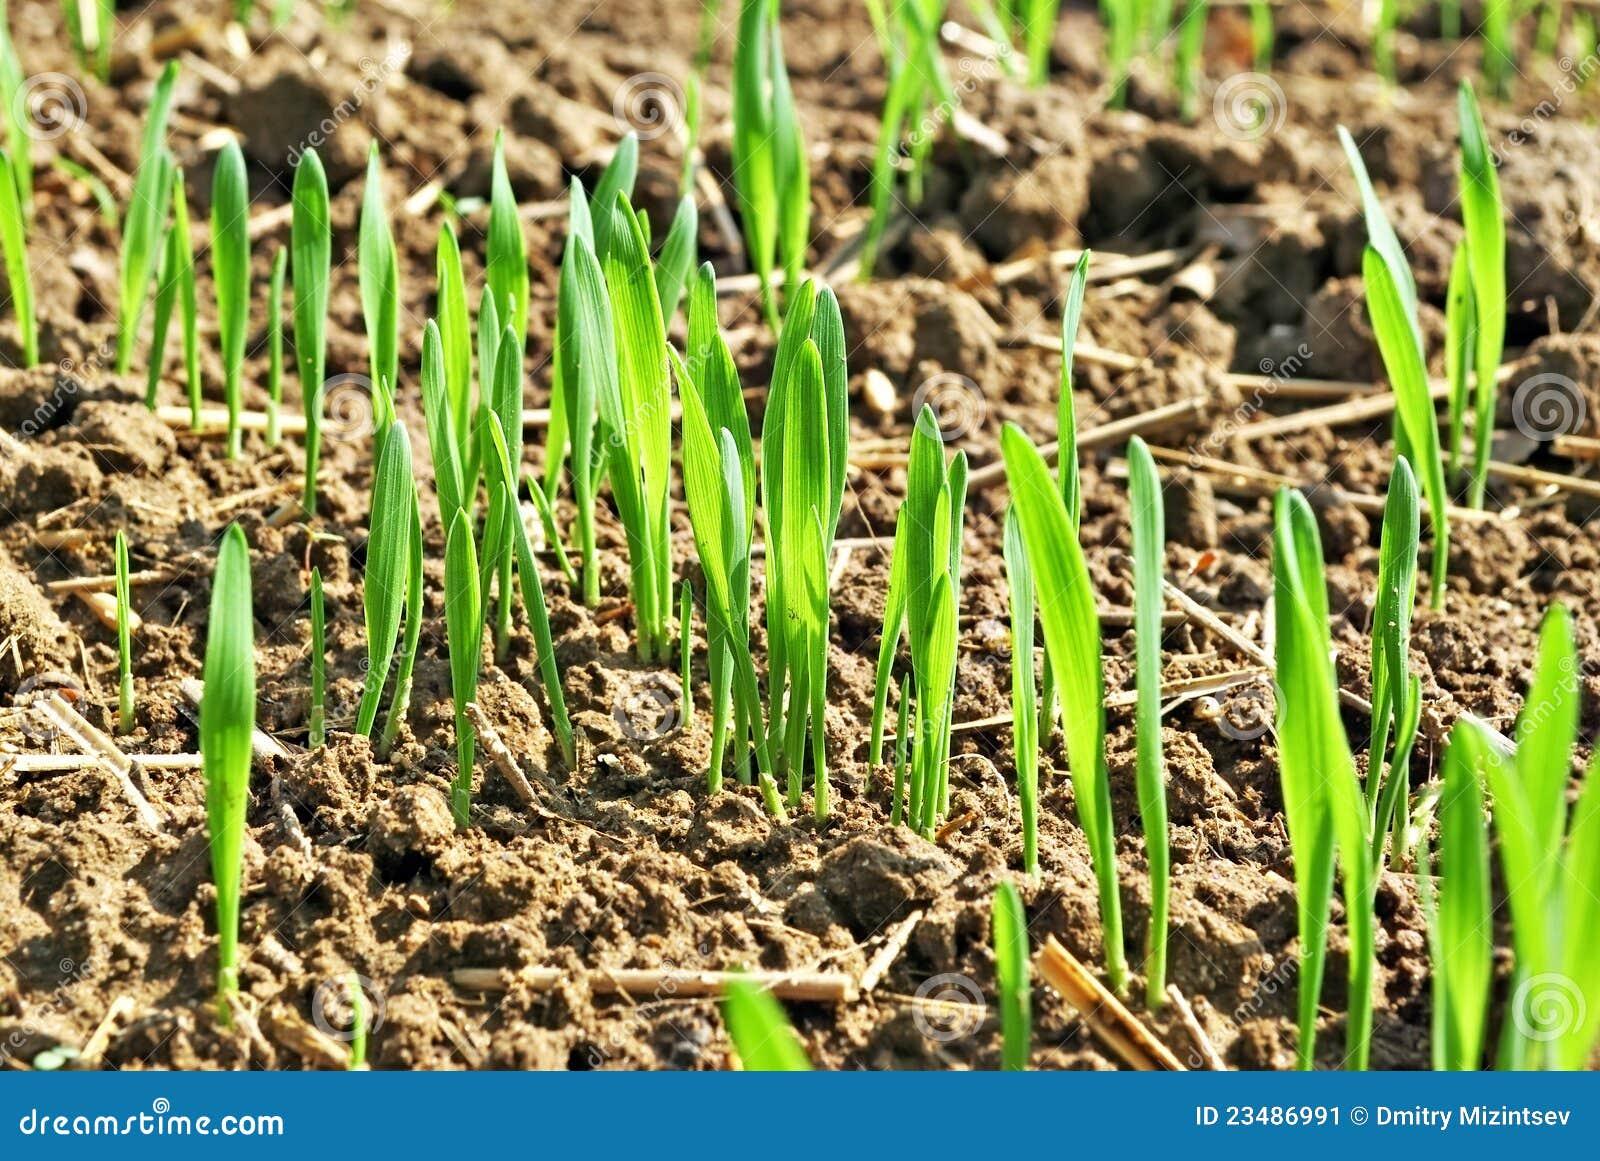 Plantes de blé